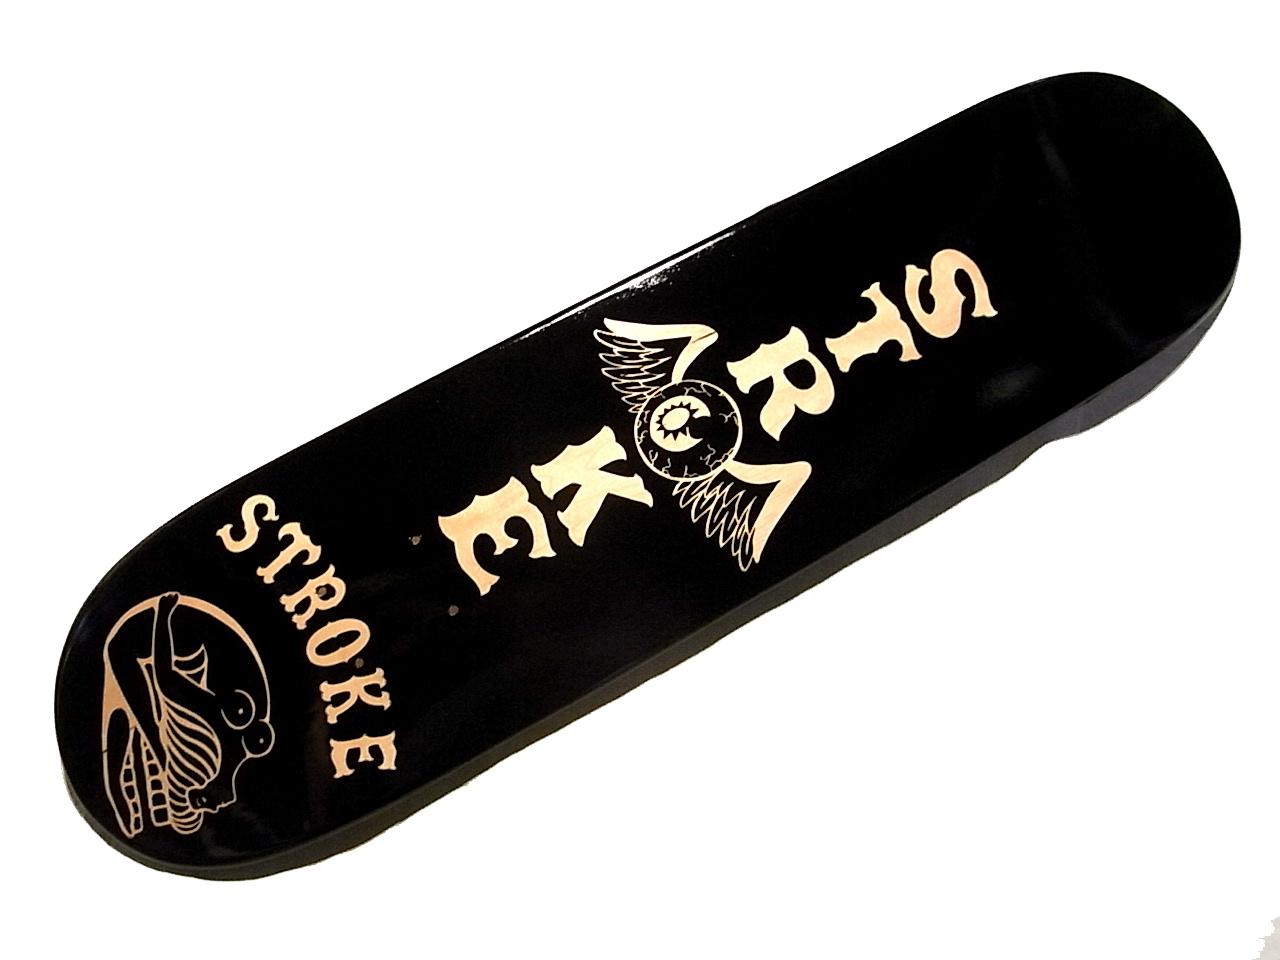 STROKE NEW SKATE DECK!!!!!!_d0101000_1745849.jpg